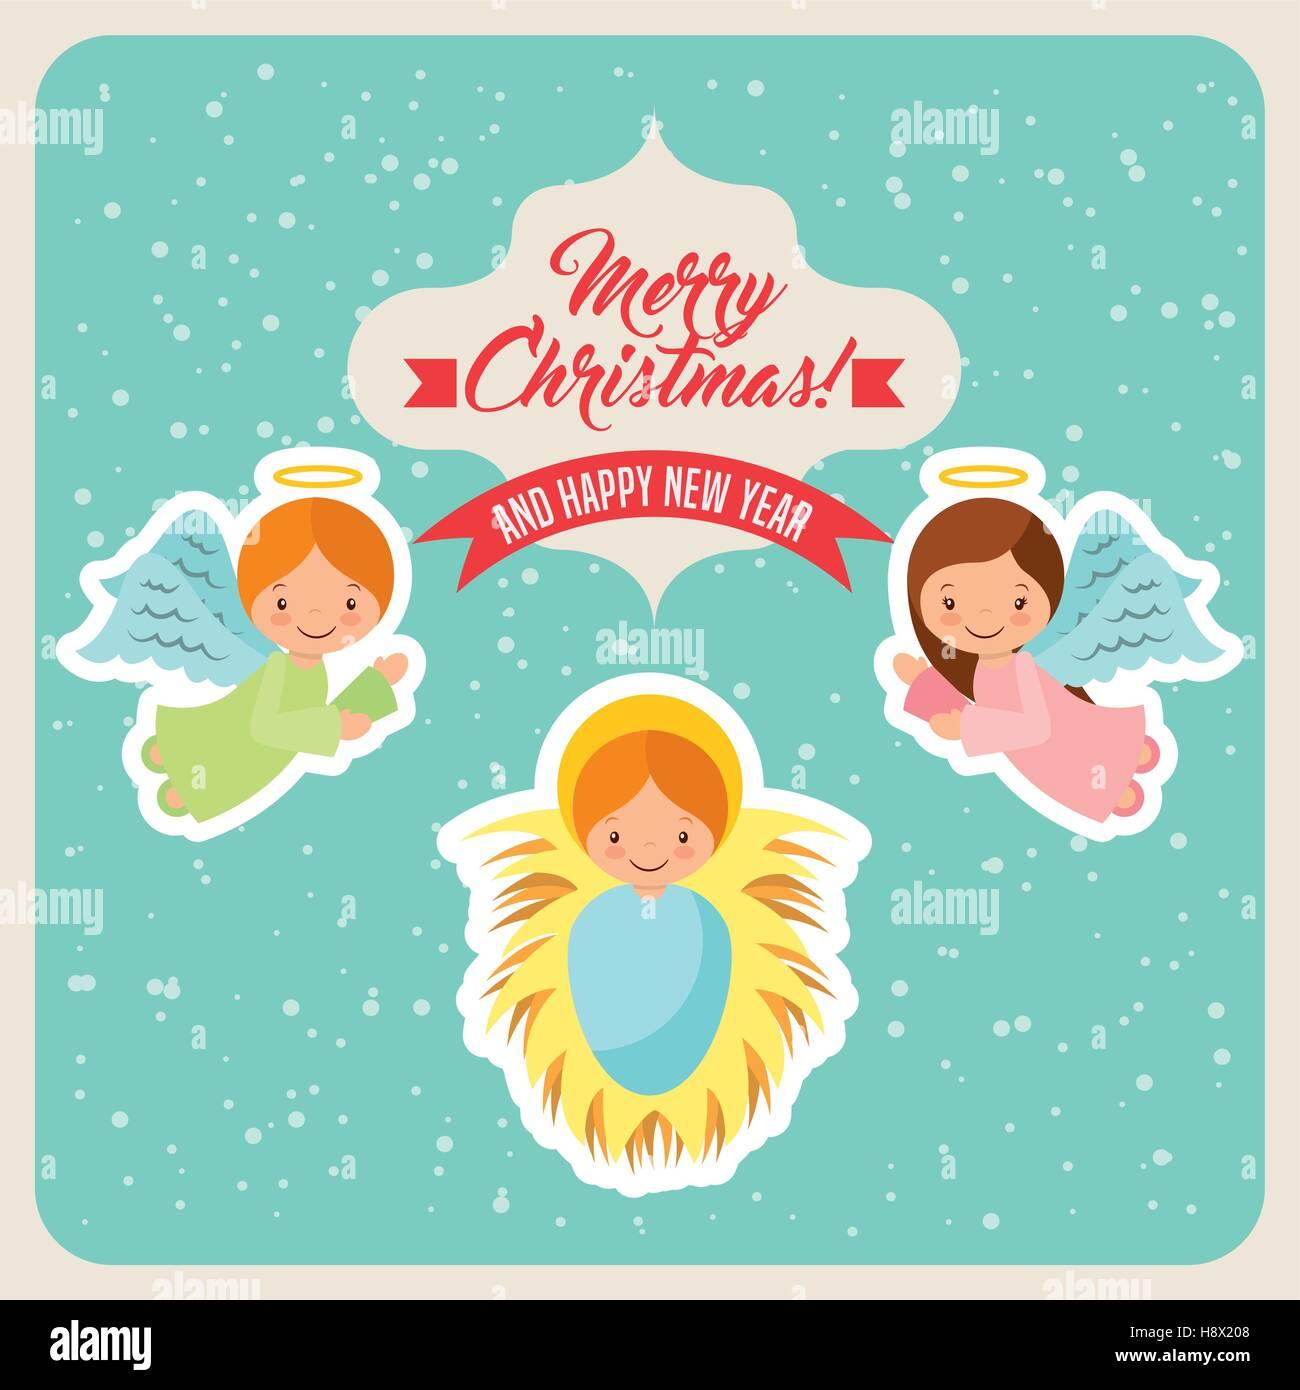 Dibujos De Navidad Con Jesus.Cute Dibujos Animados Angeles Y El Nino Jesus Icono Tarjeta